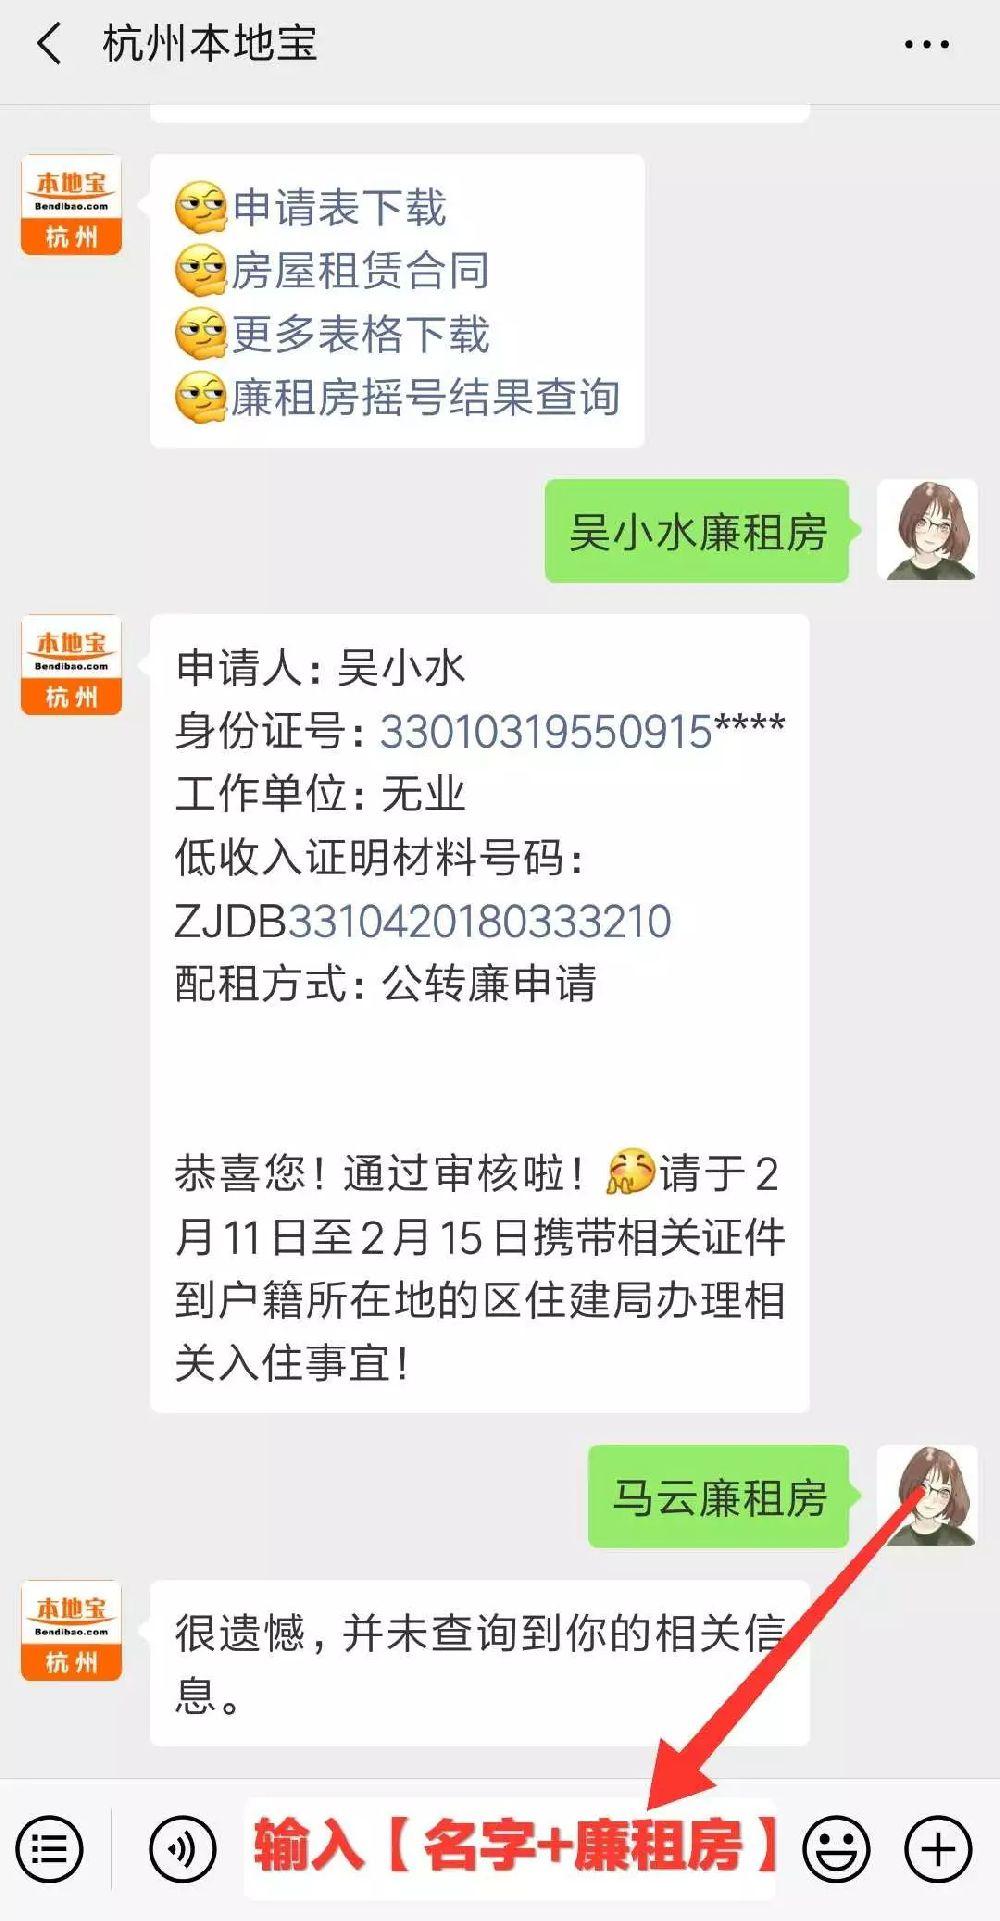 杭州廉租房申请家庭名单最新动态(持续更新)